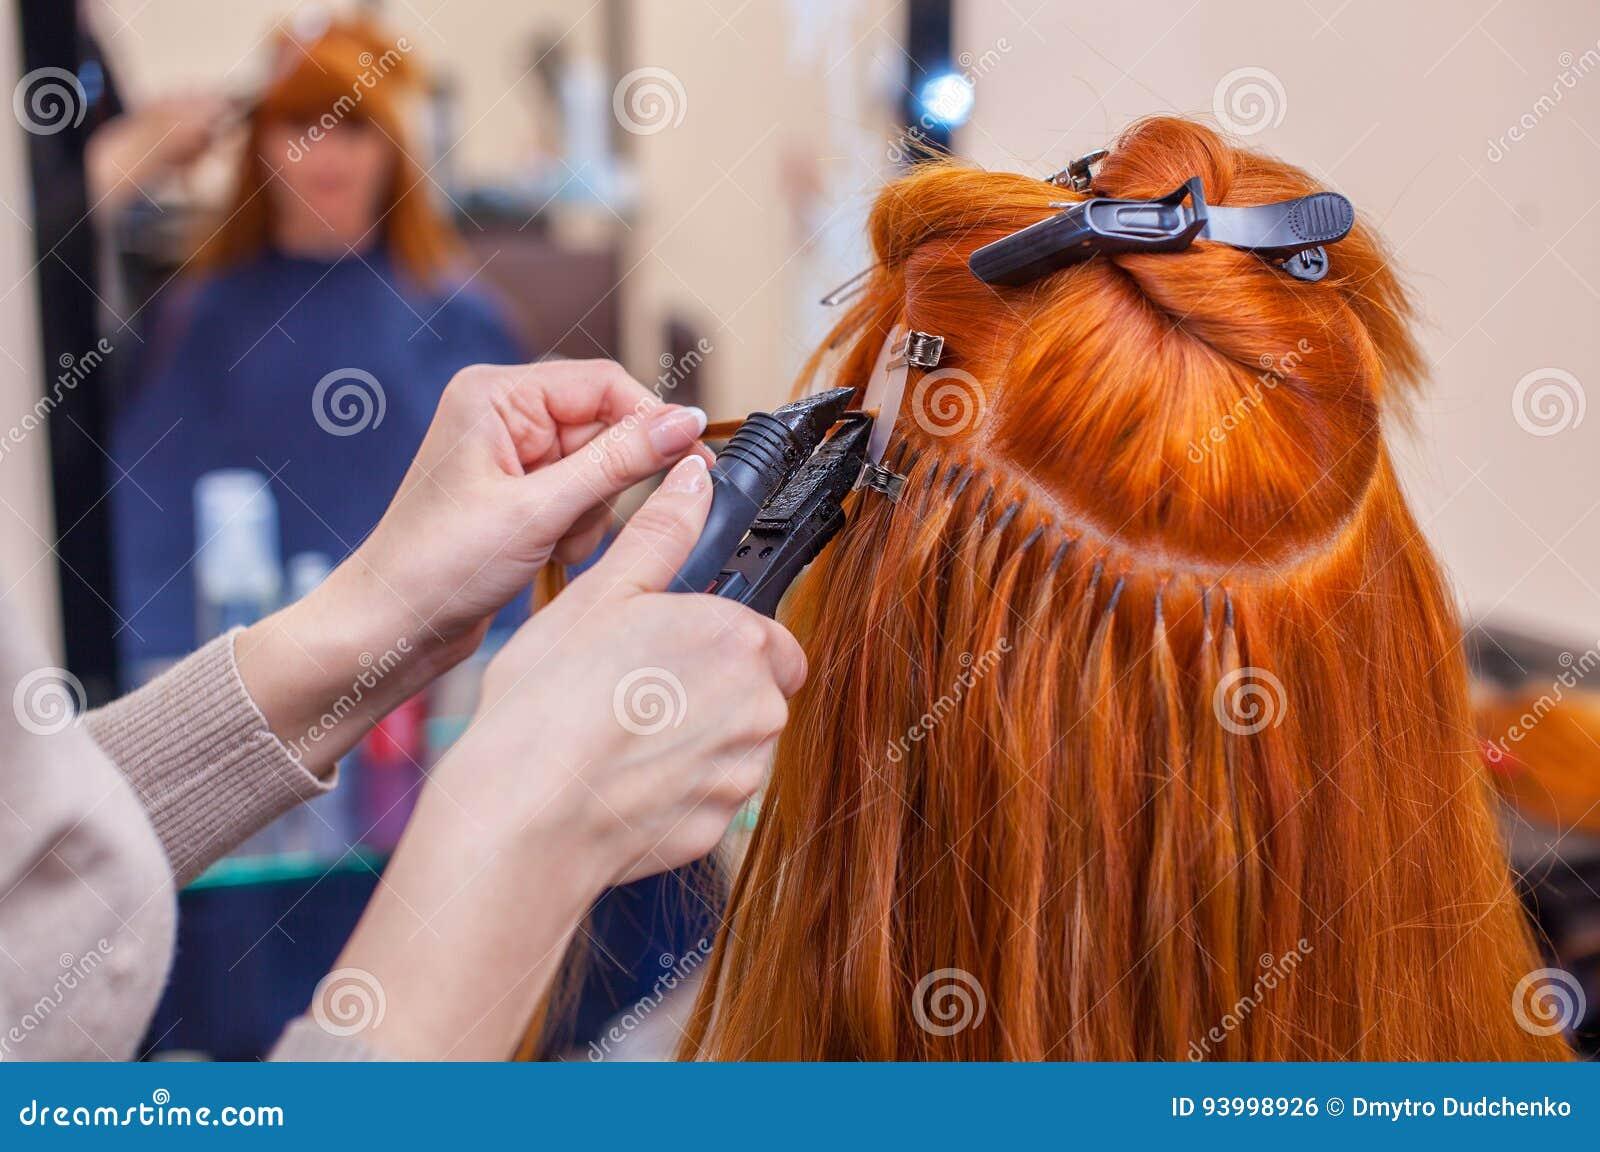 De kapper doet haaruitbreidingen aan een jong, roodharig meisje, in een schoonheidssalon